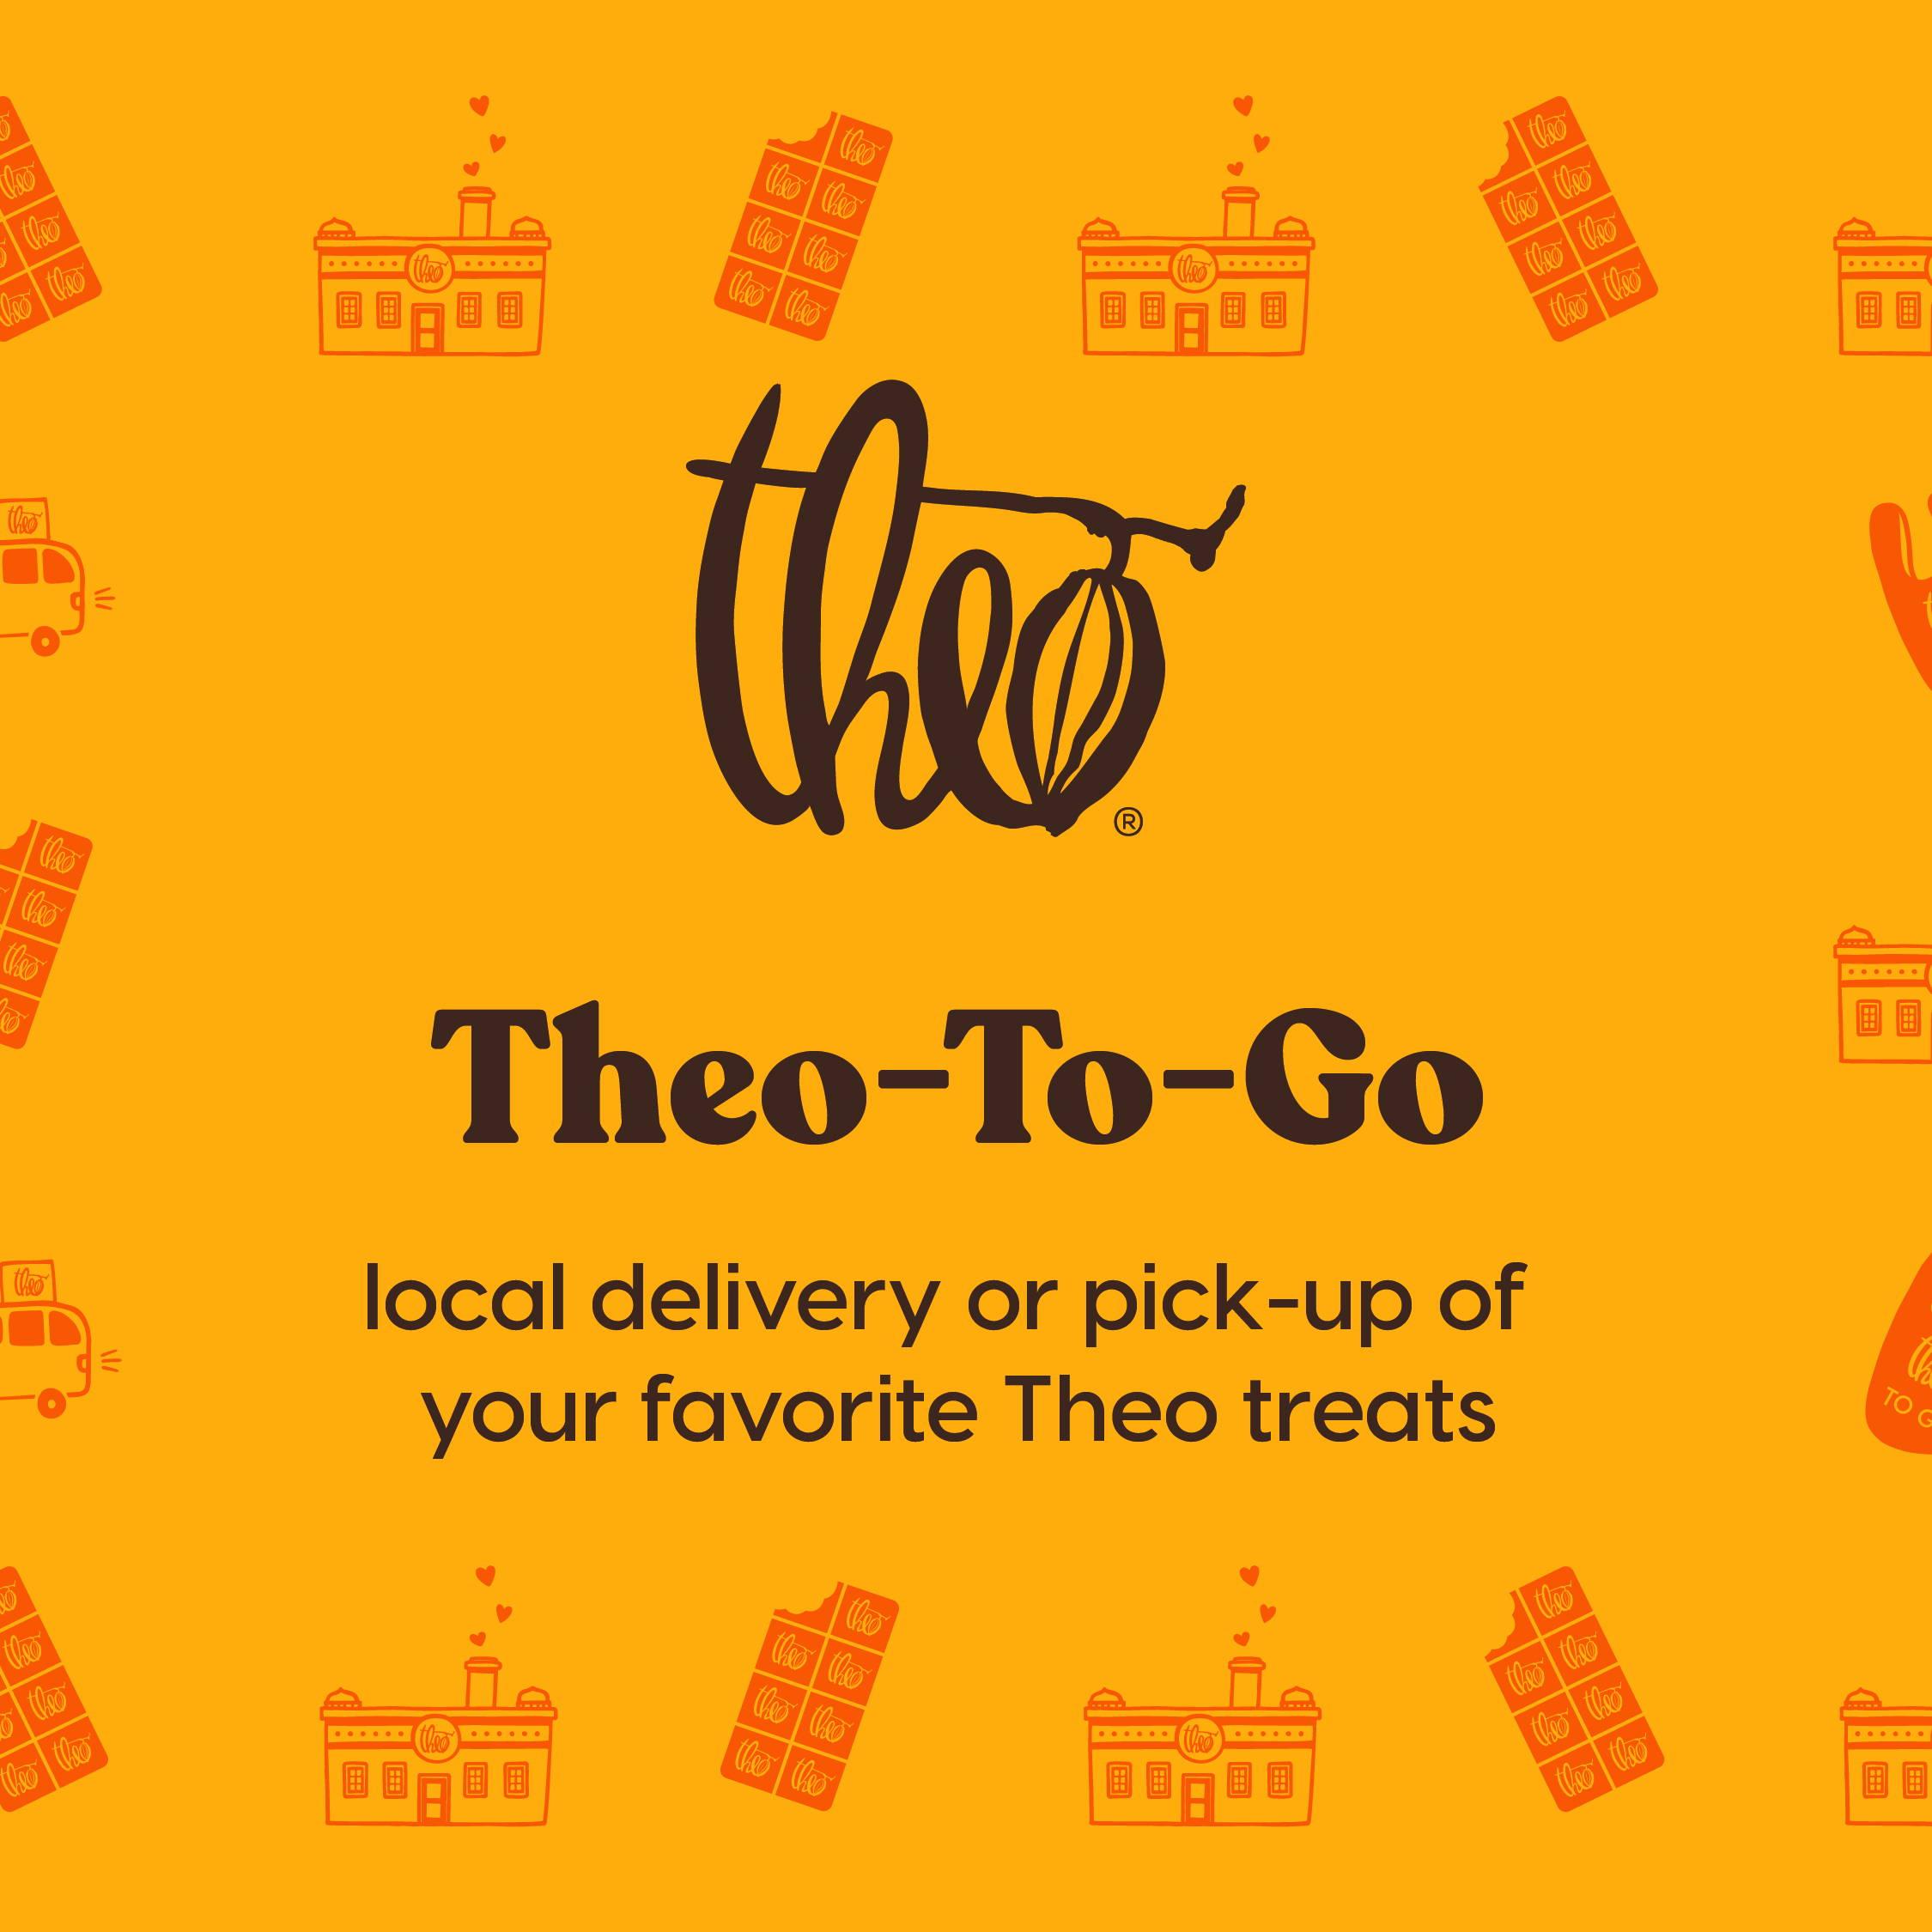 Theo-To-Go